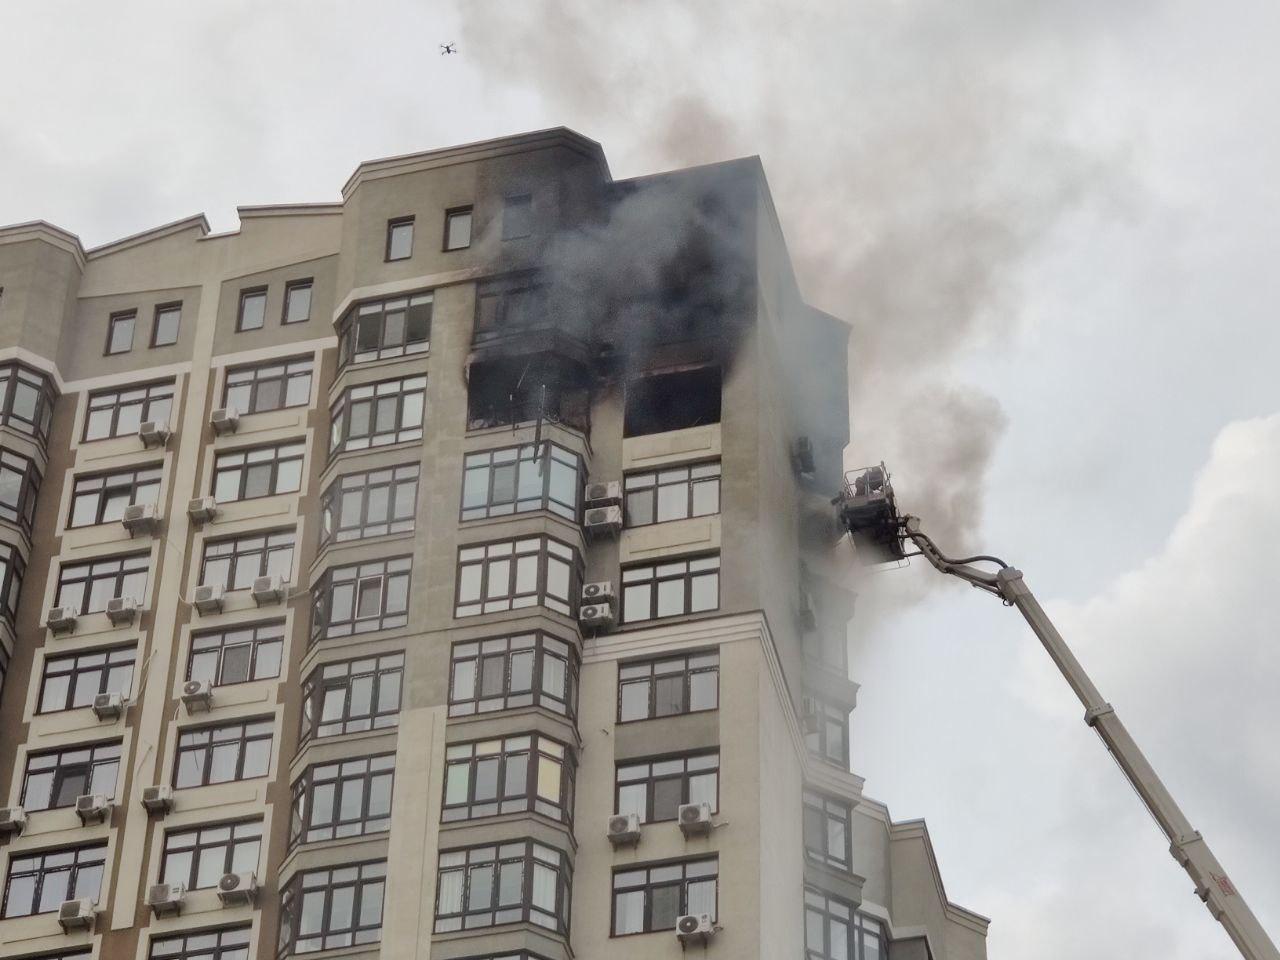 В Киеве во время пожара на 24 этаже мужчина, спасаясь, залез на кондиционер: видео